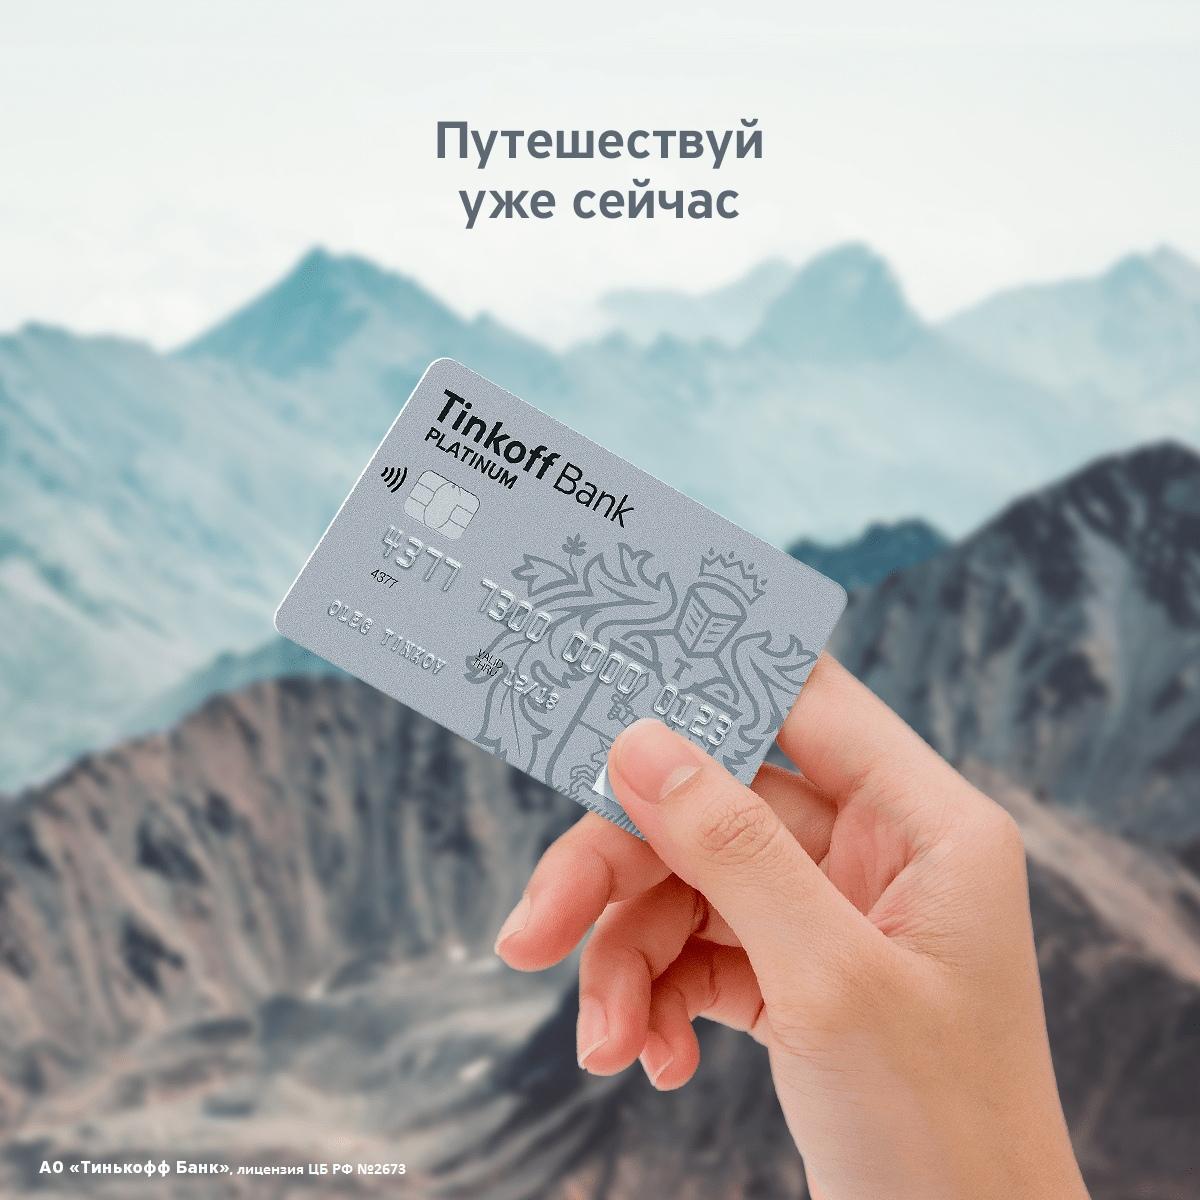 кредитная карта тинькофф беспроцентный период 55 дней как посчитать досрочное погашение кредита